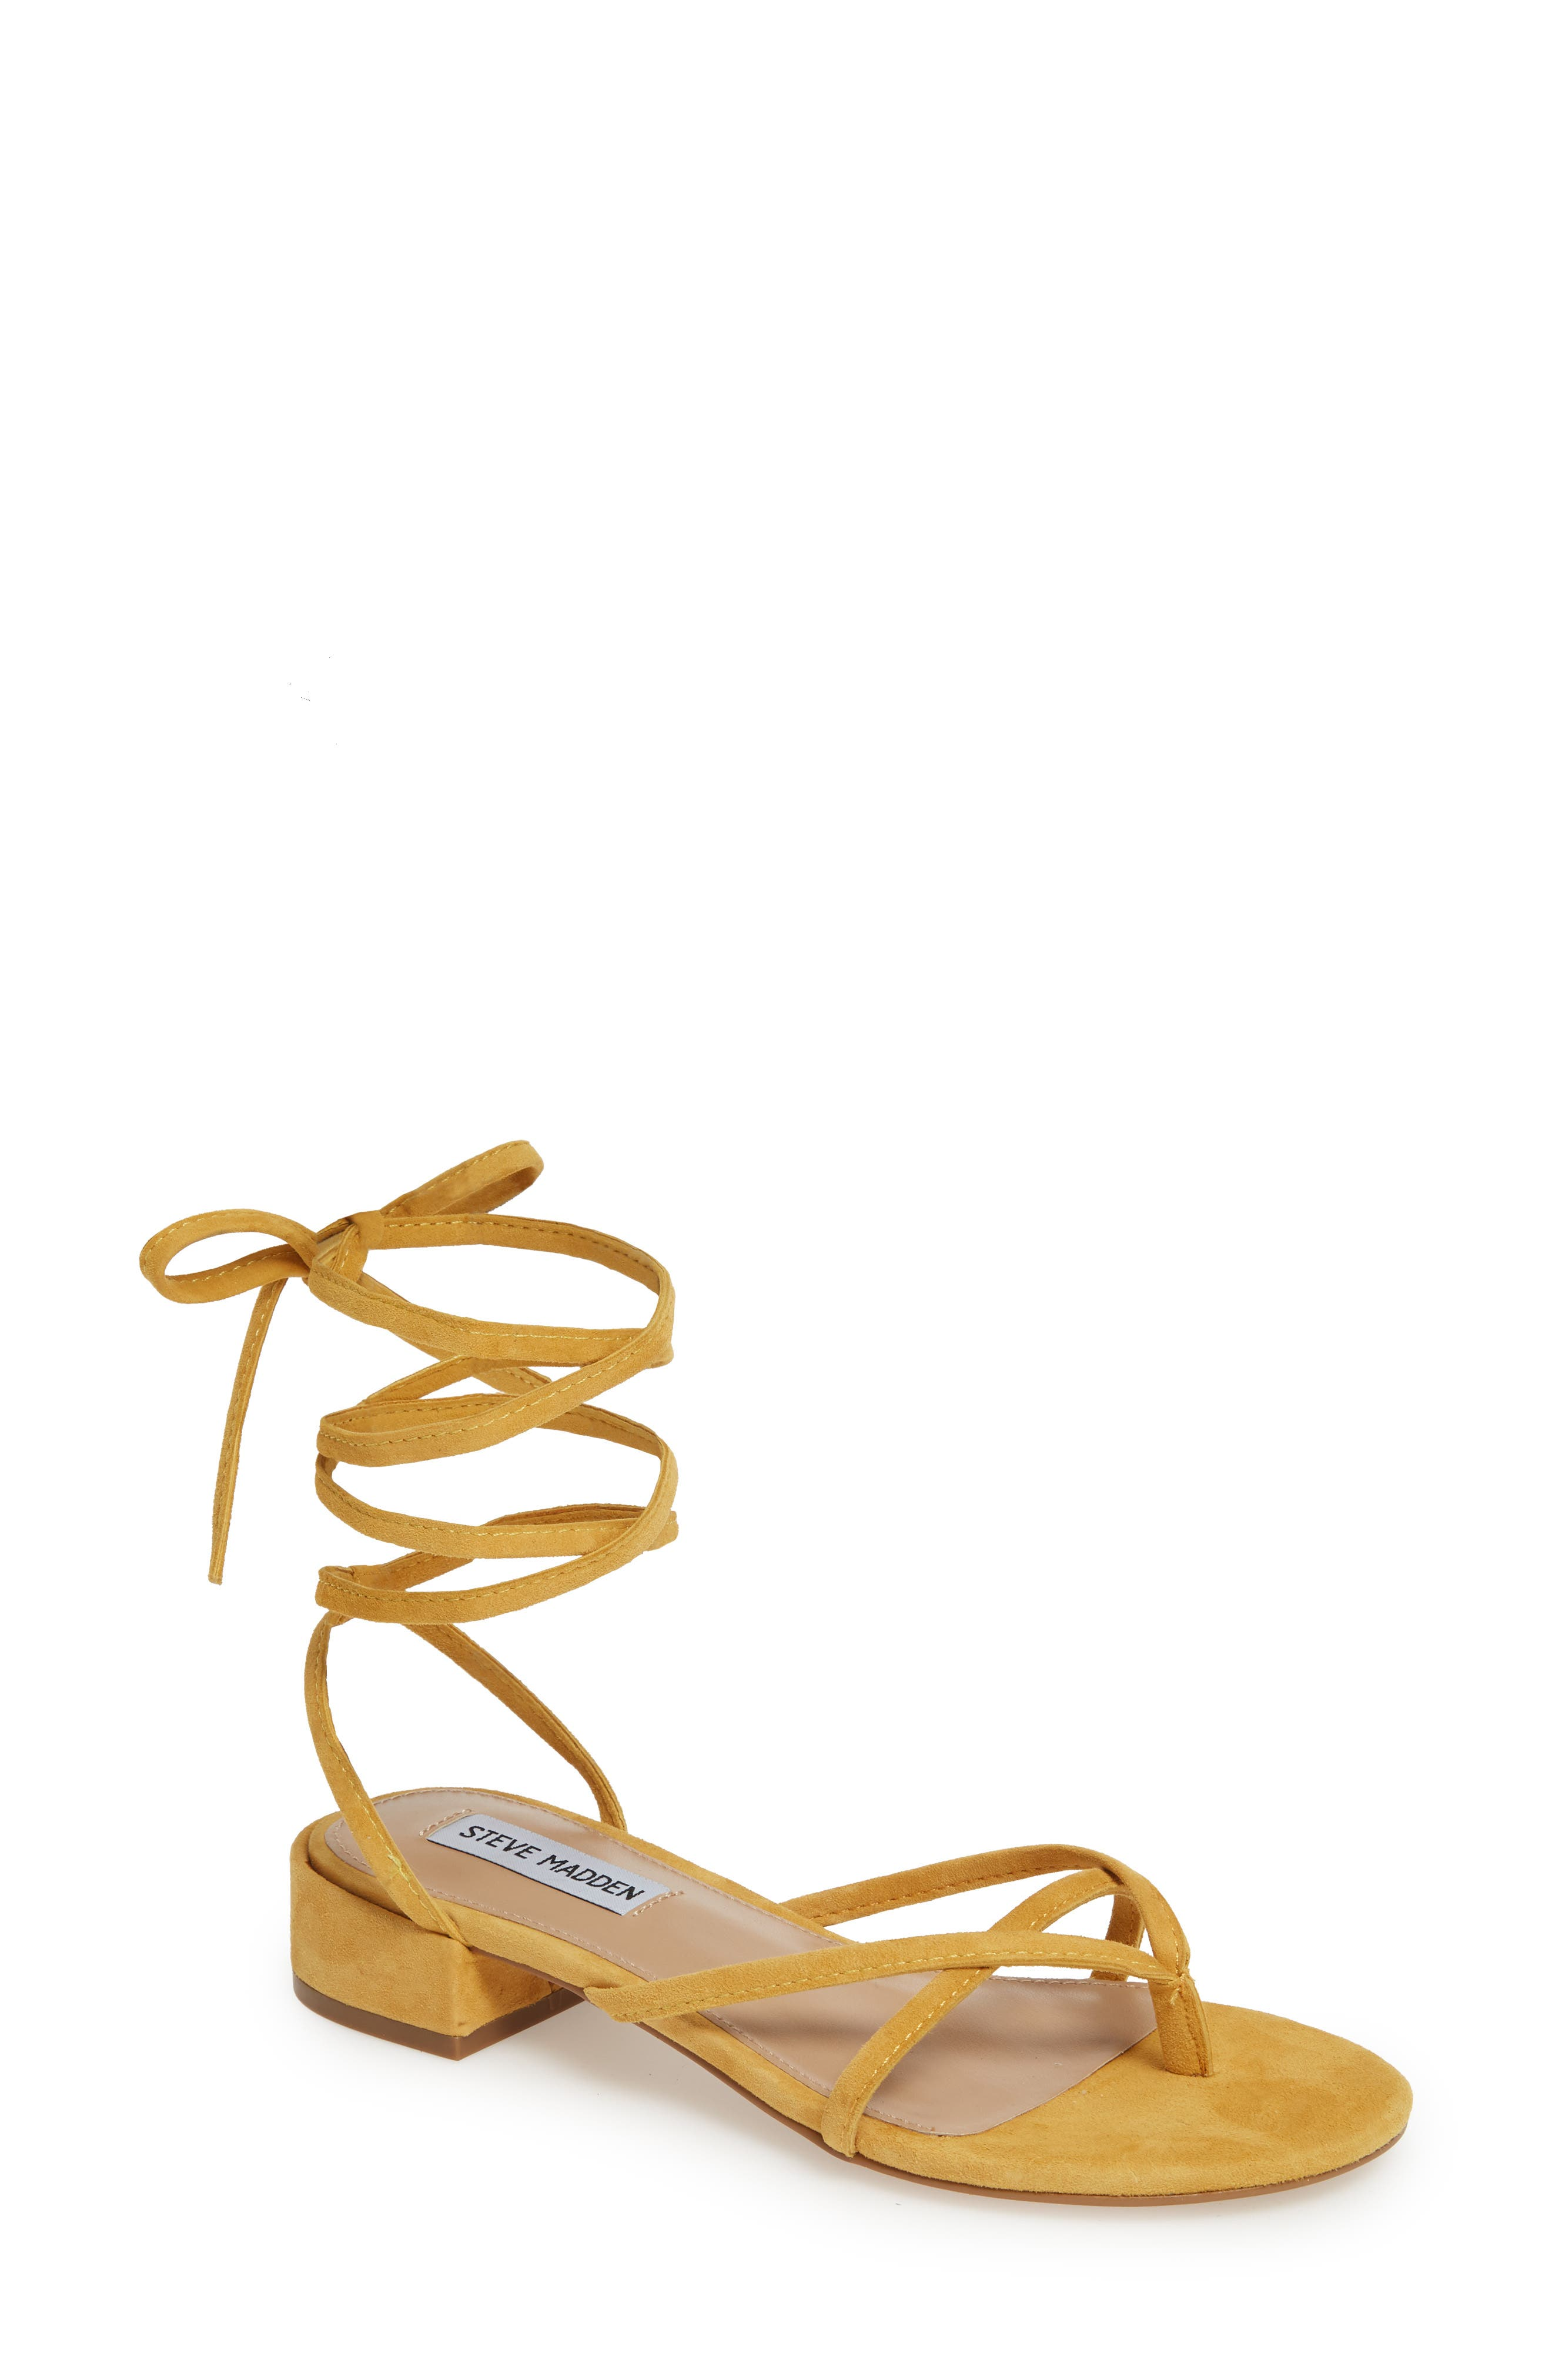 3837b701245b Women s Steve Madden Dress Sandals